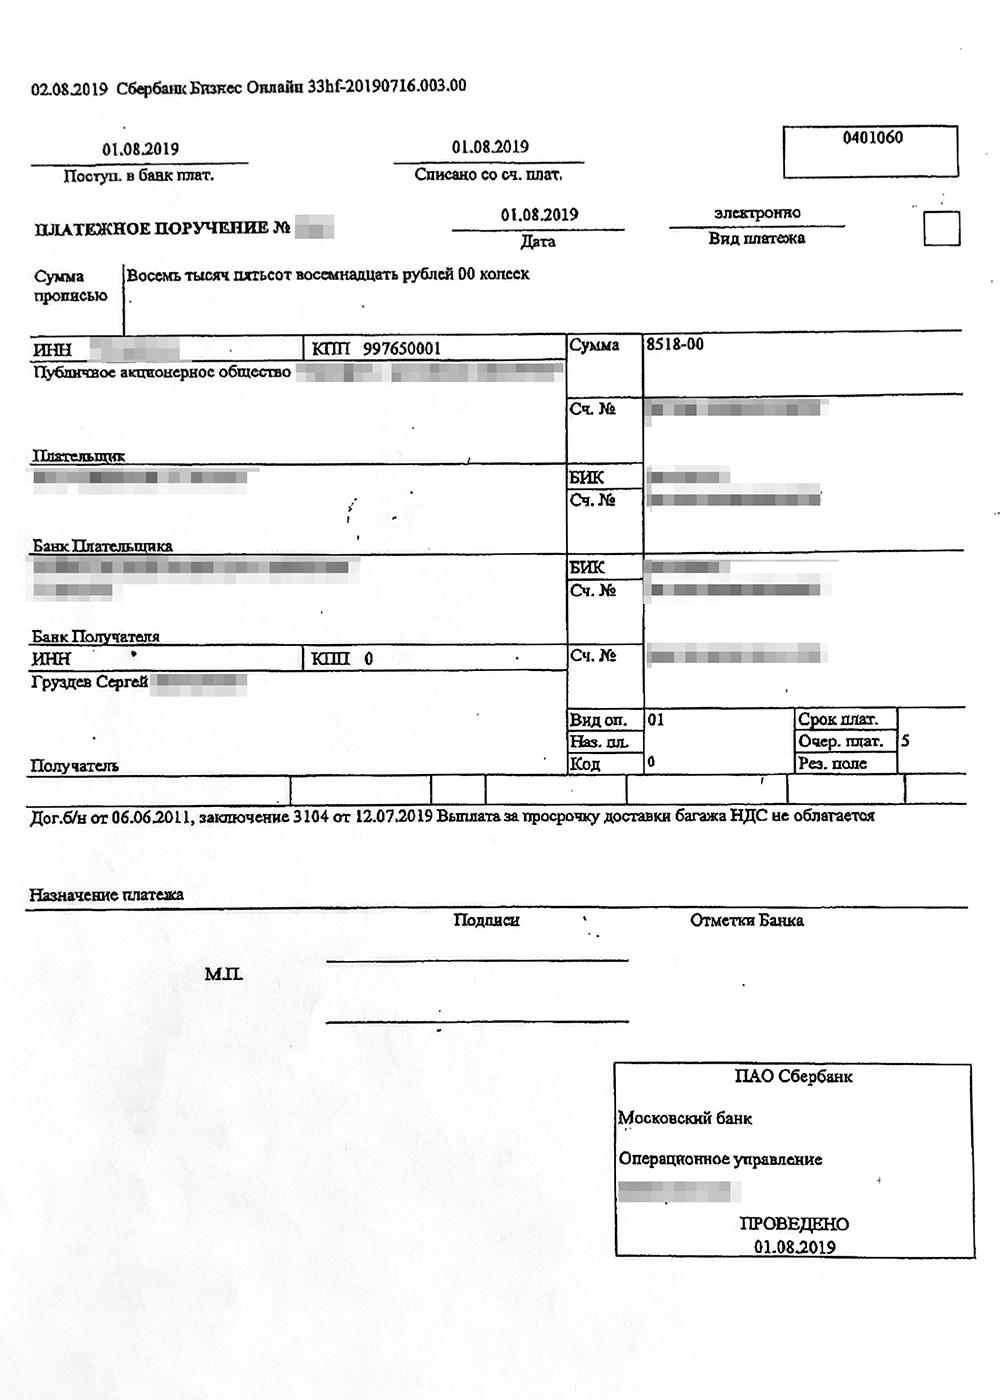 Платежное поручение о перечислении компенсации Сергею